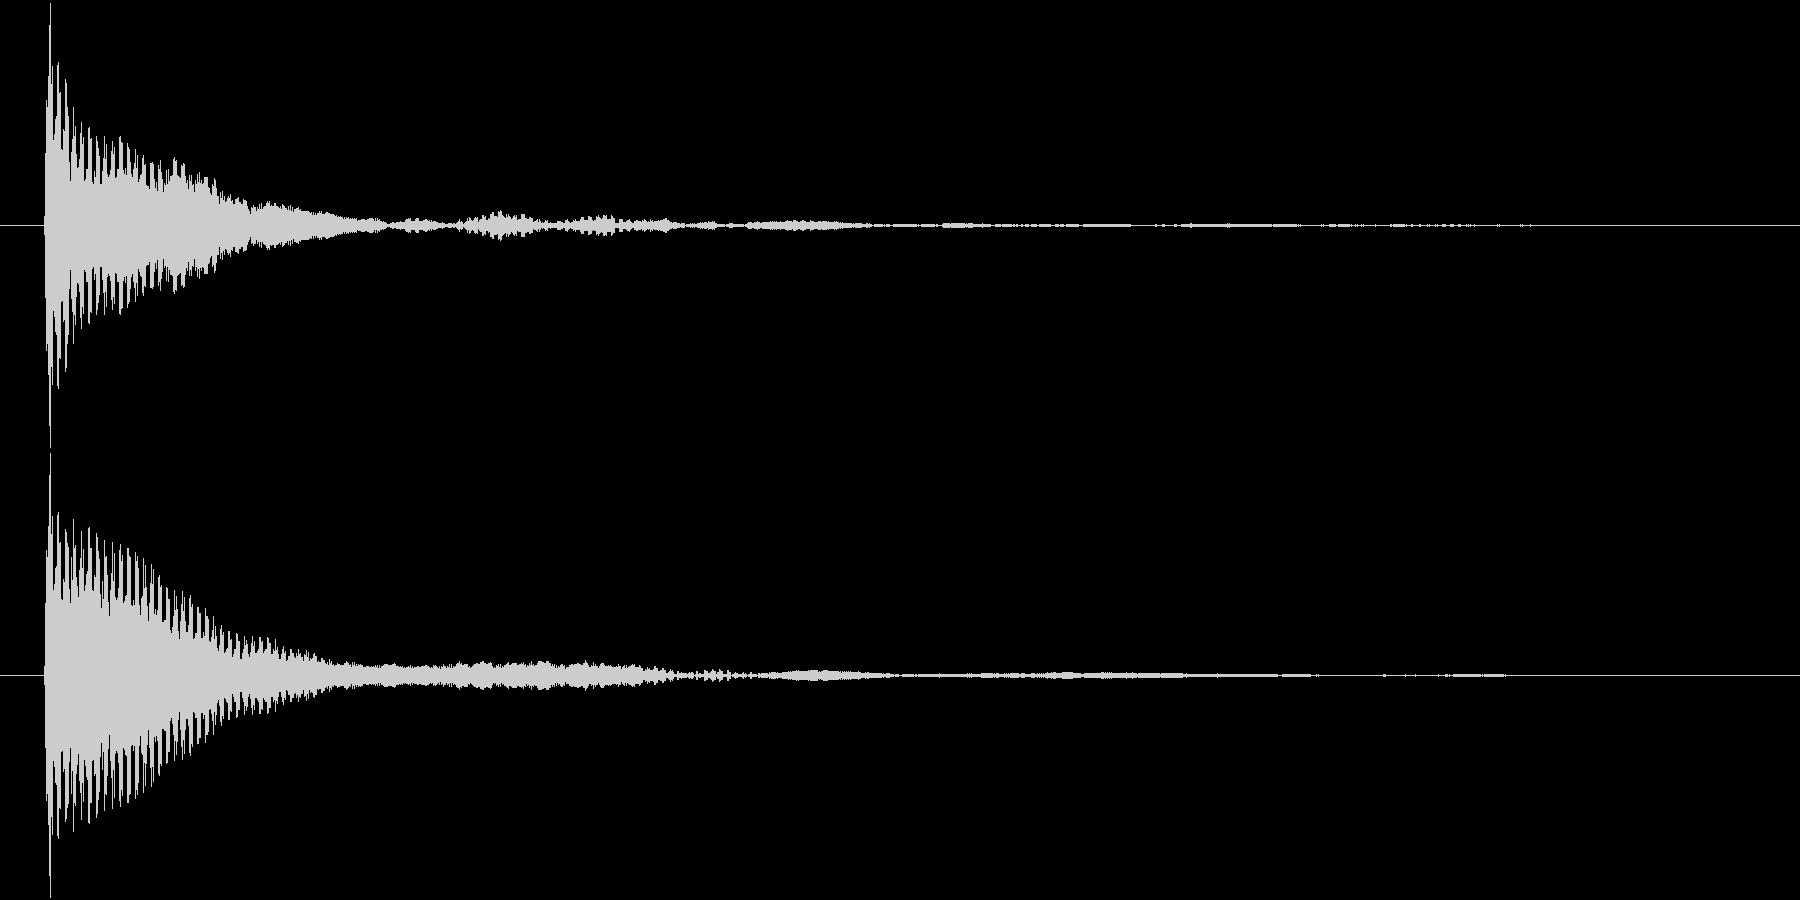 ポン カーソル音 タップ音 G-08_の未再生の波形